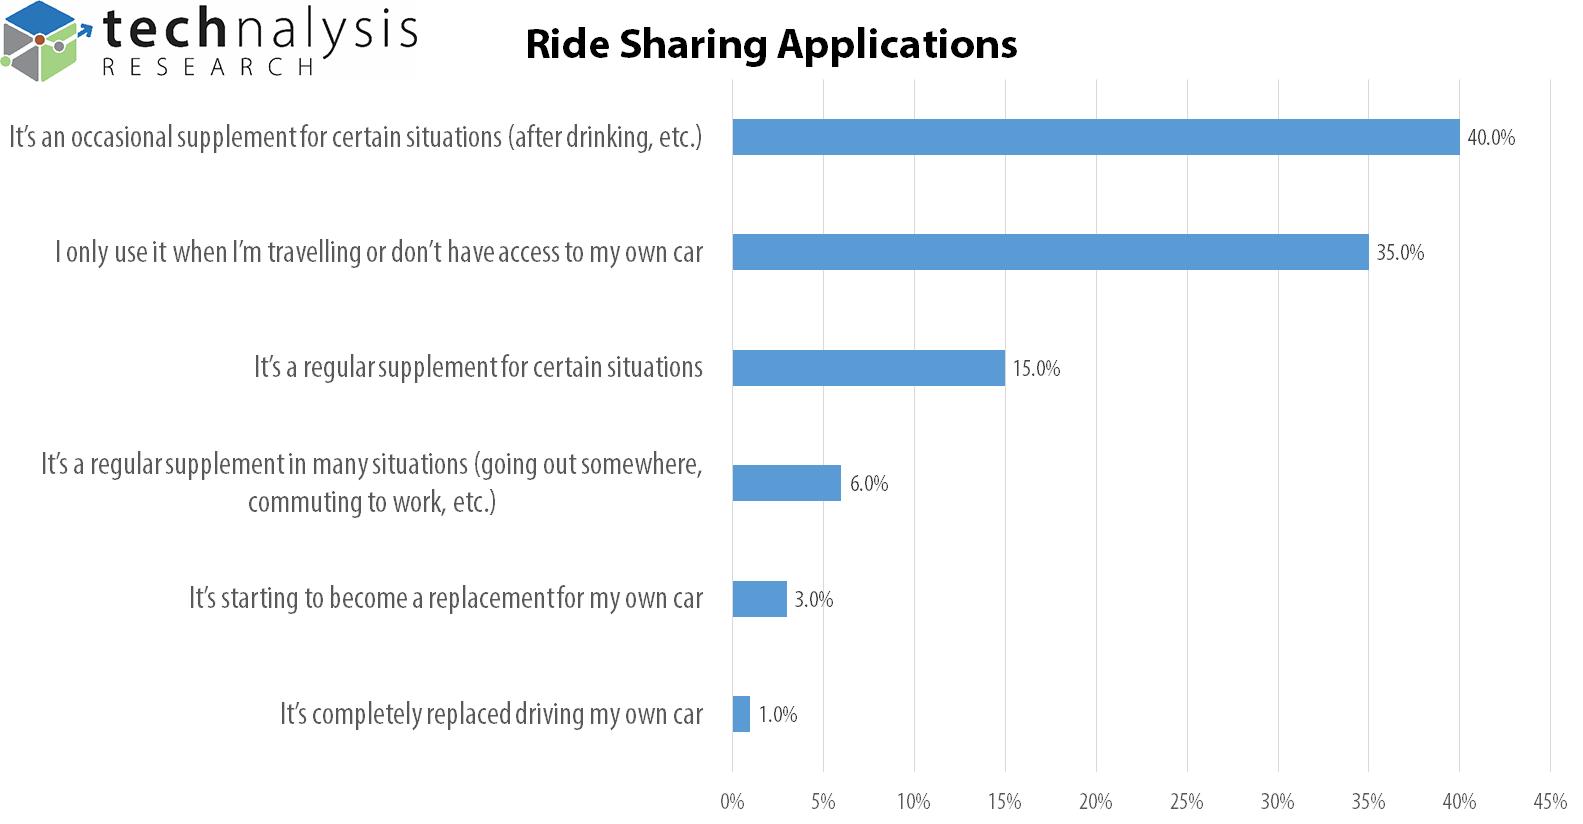 Ridesharing Usage, Figure 2